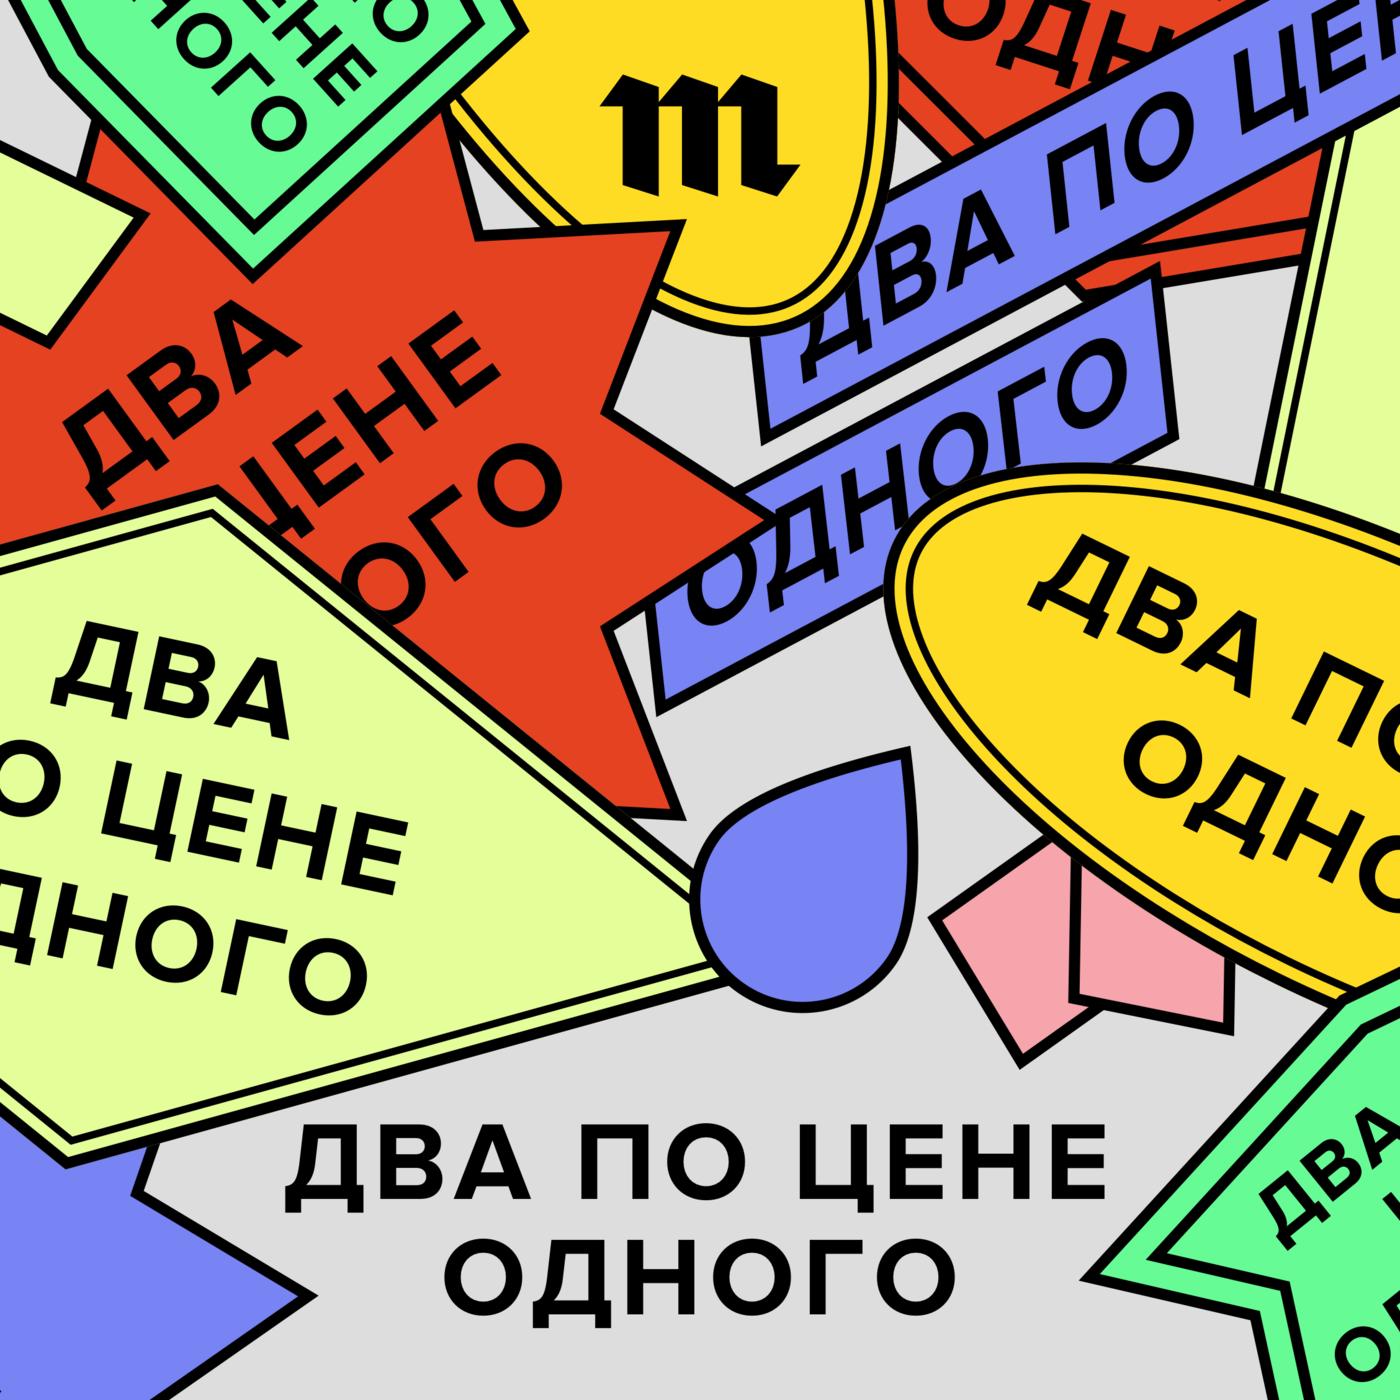 Илья Красильщик Как платить алименты? Ведущие подкаста готовятся к разводу цены онлайн